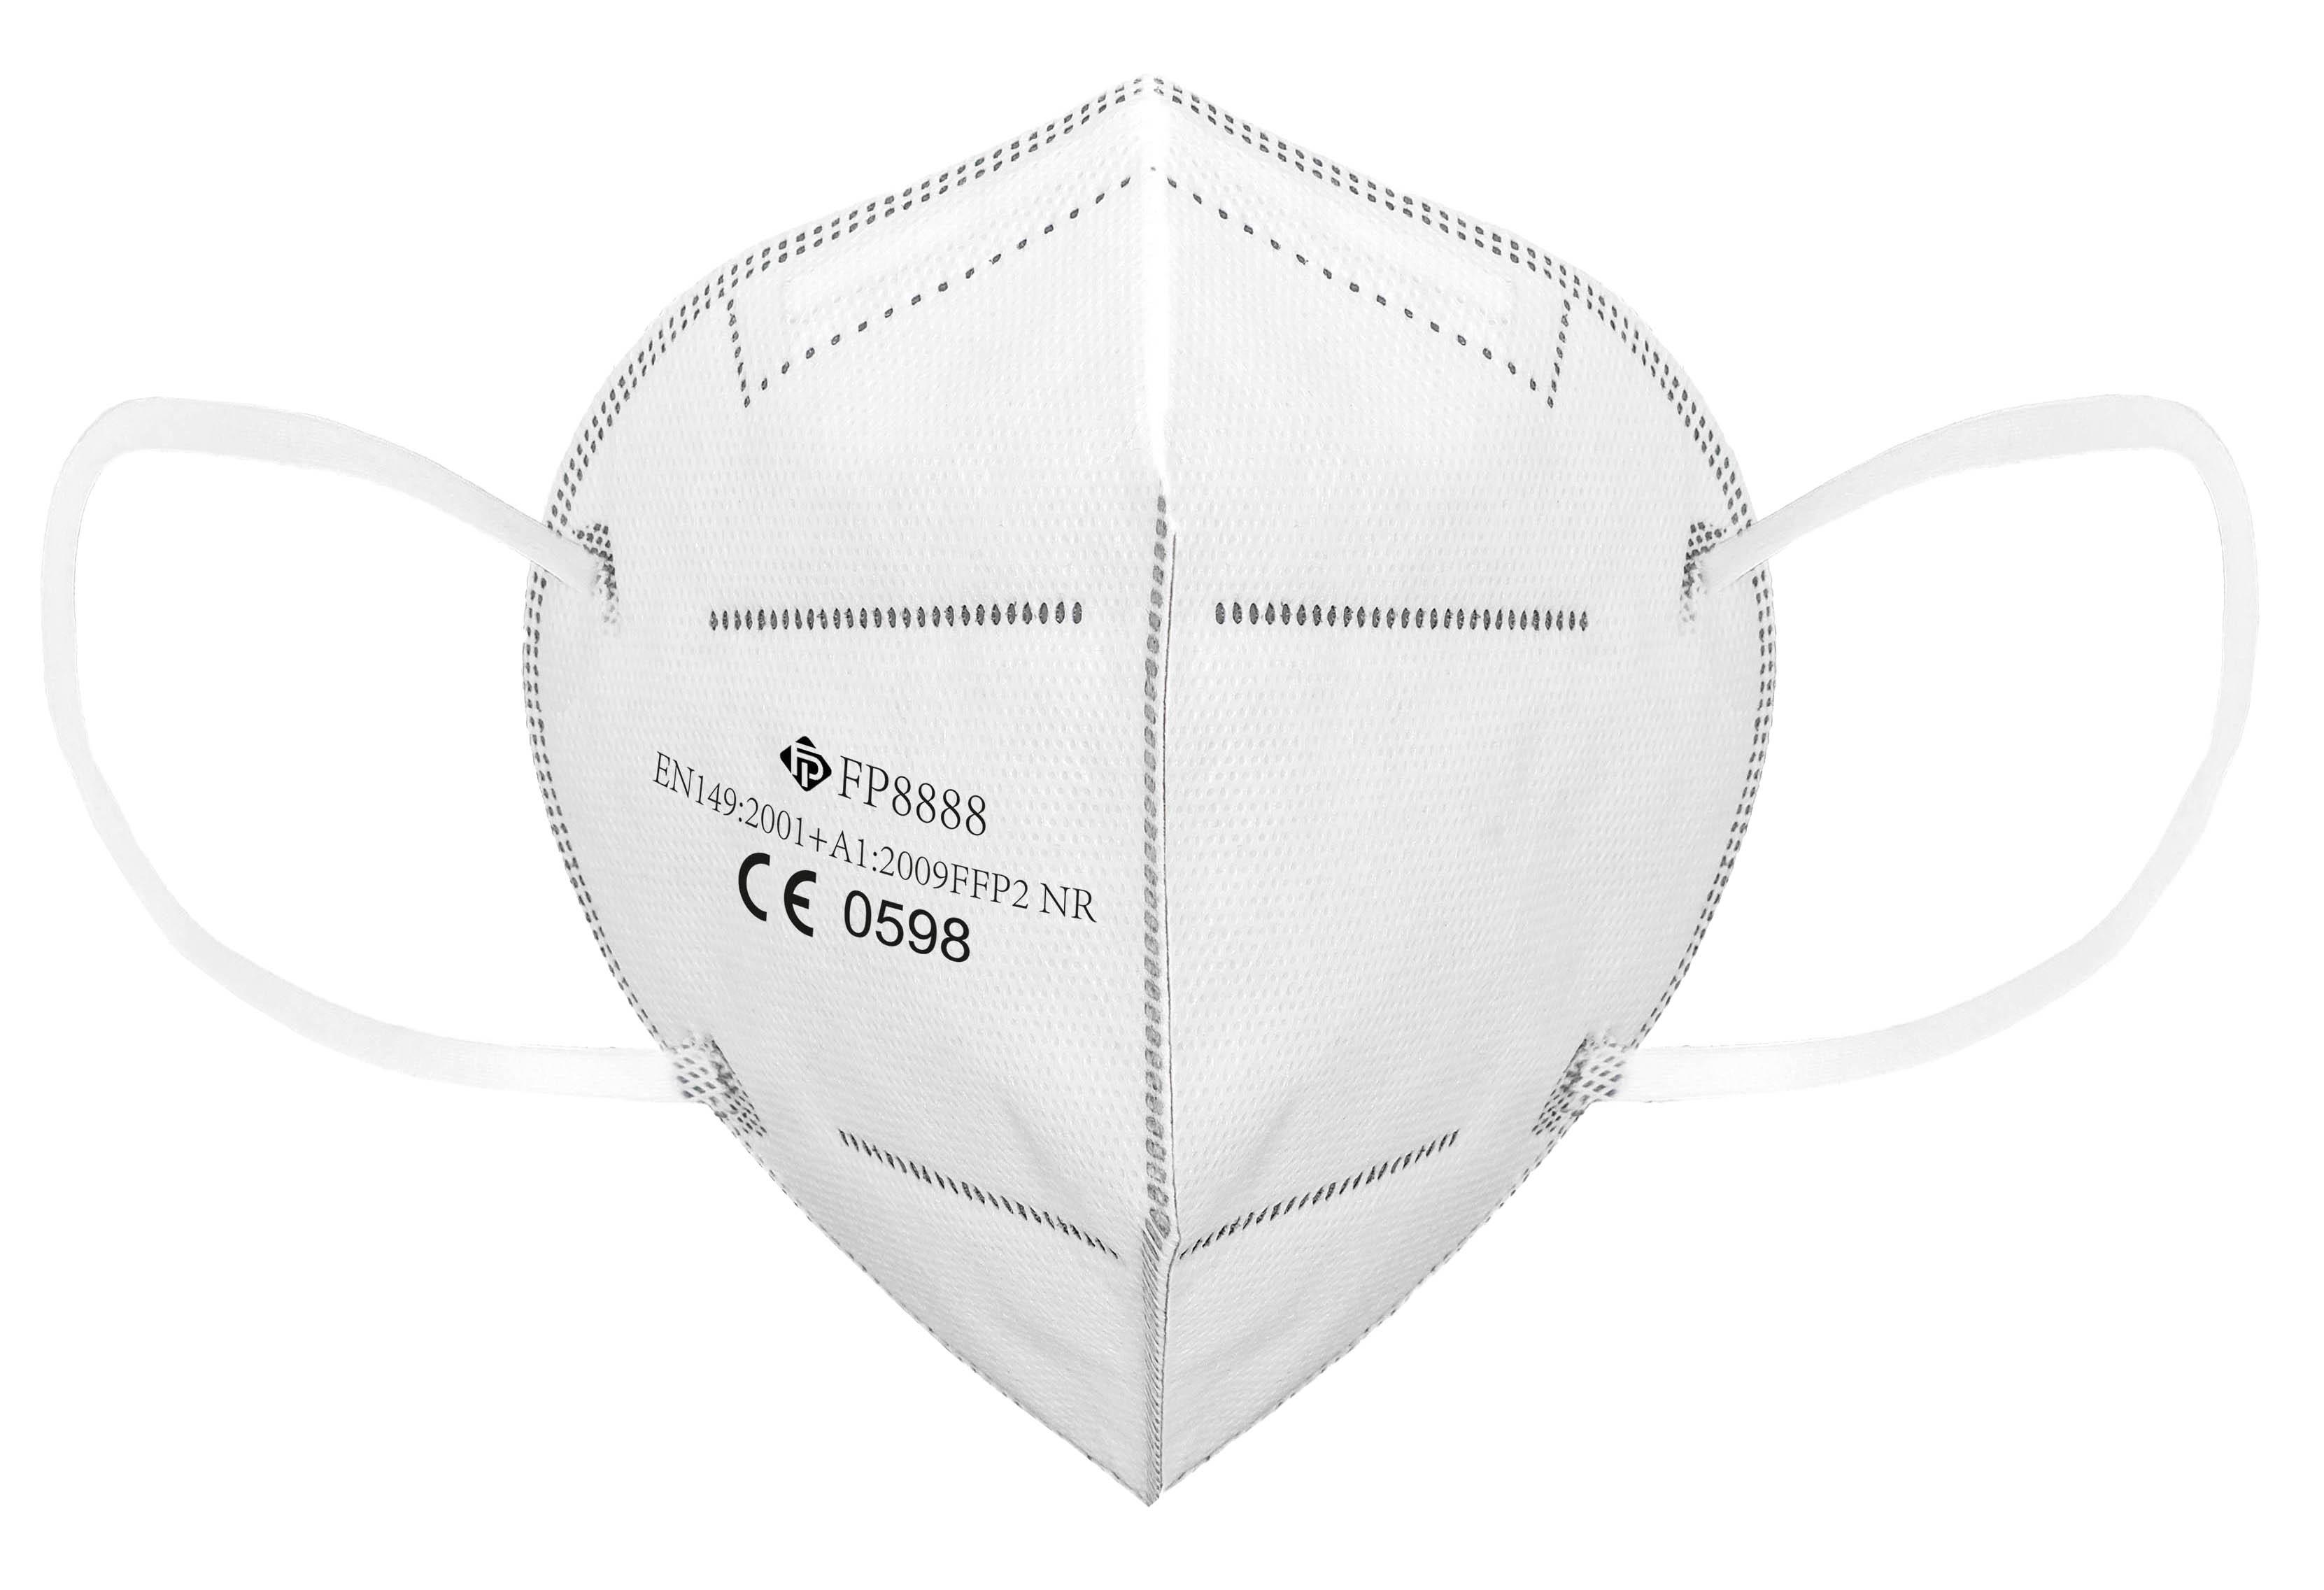 Atemschutzmaske KN95/FFP2 weiß